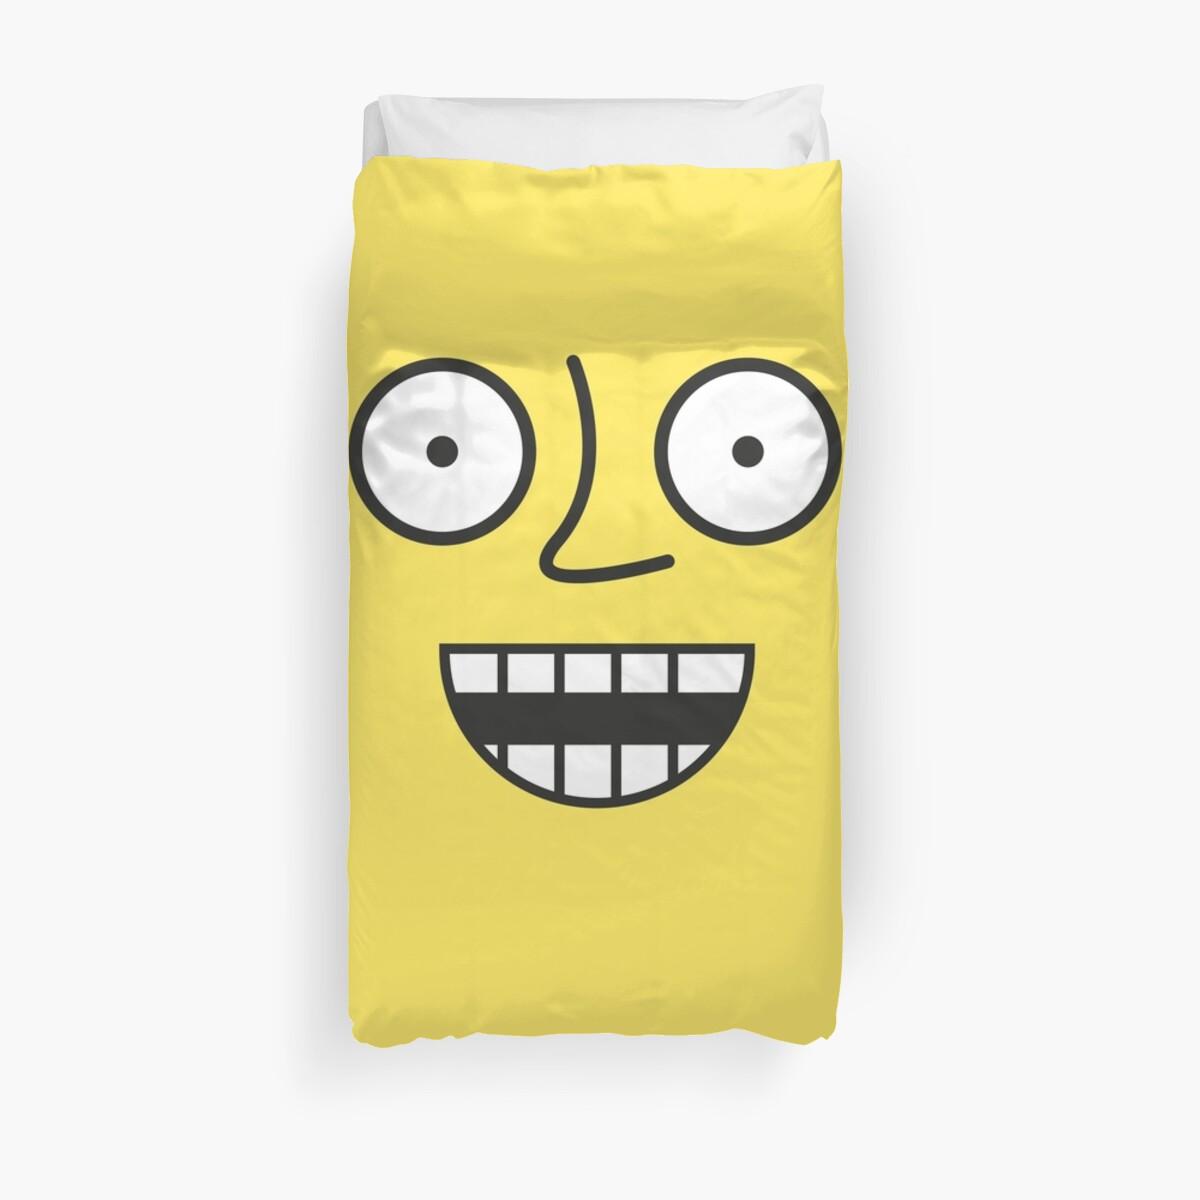 Laughing Emoji Face Smiley By PineLemon